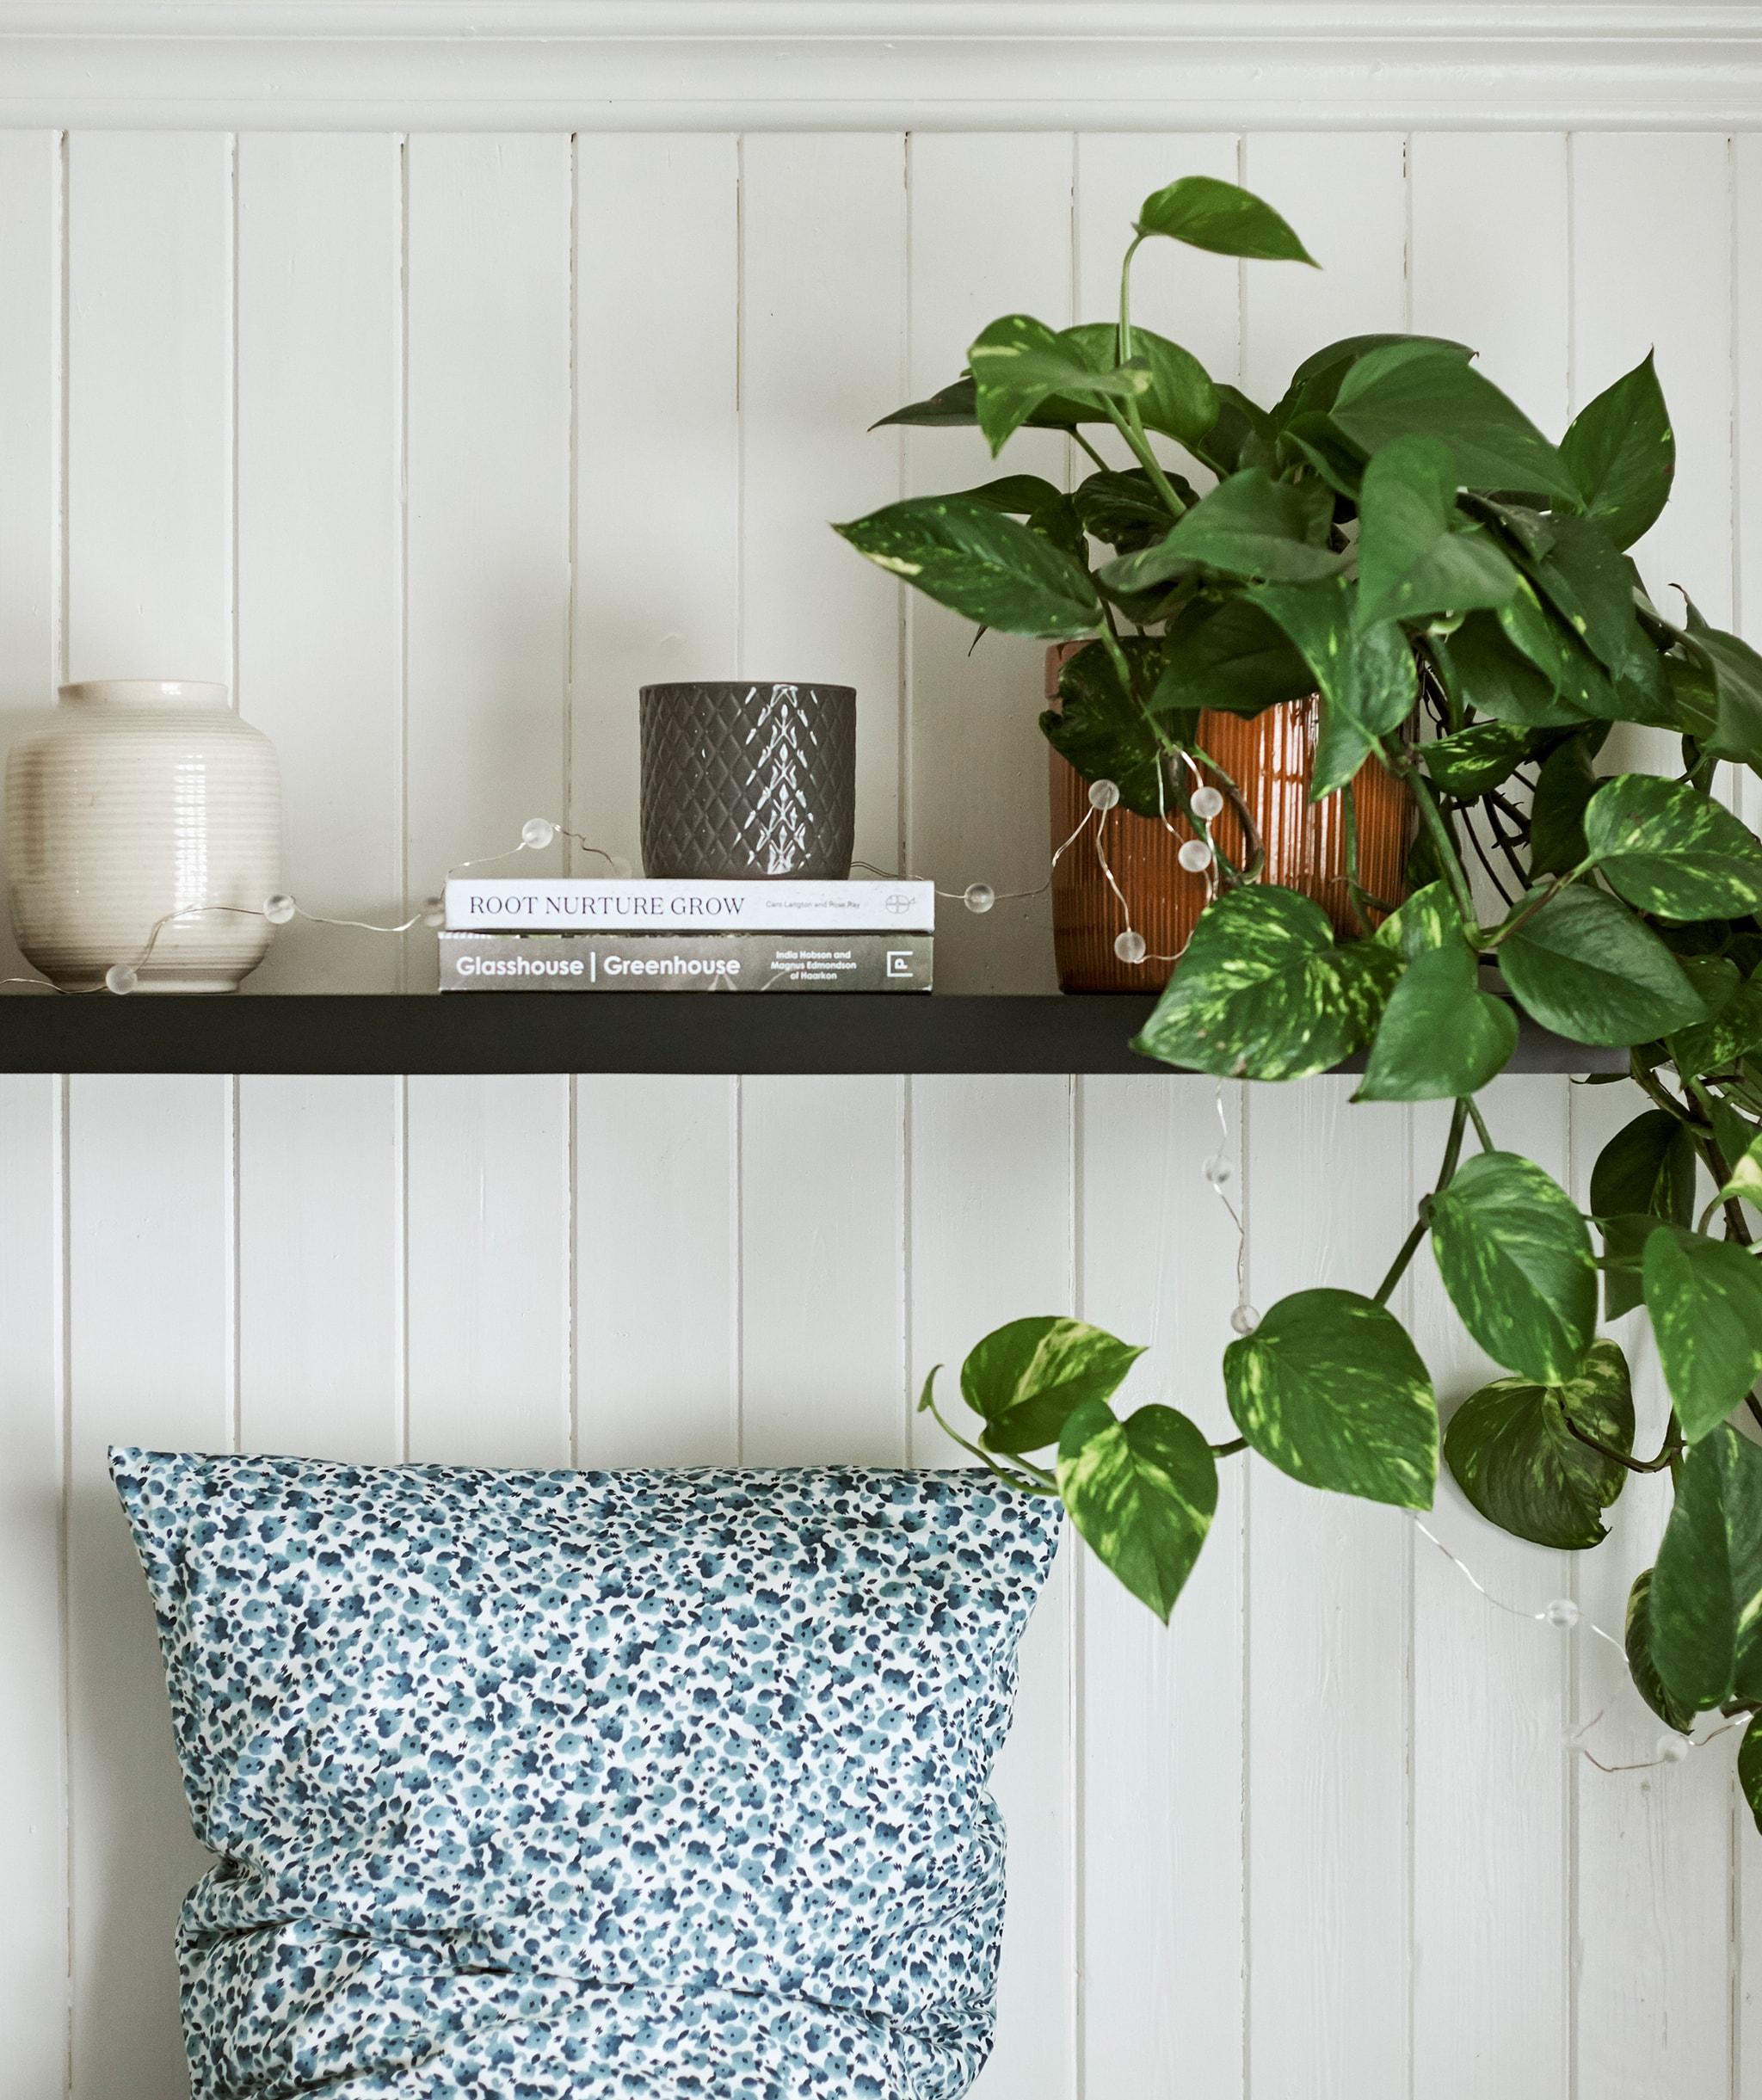 Sebuah tanaman ditampilkan menggunakan vas dan buku-buku di rak berwarna kayu gelap digantung di atas tempat tidur dengan bantal bermotif titik berwarna biru dan putih.